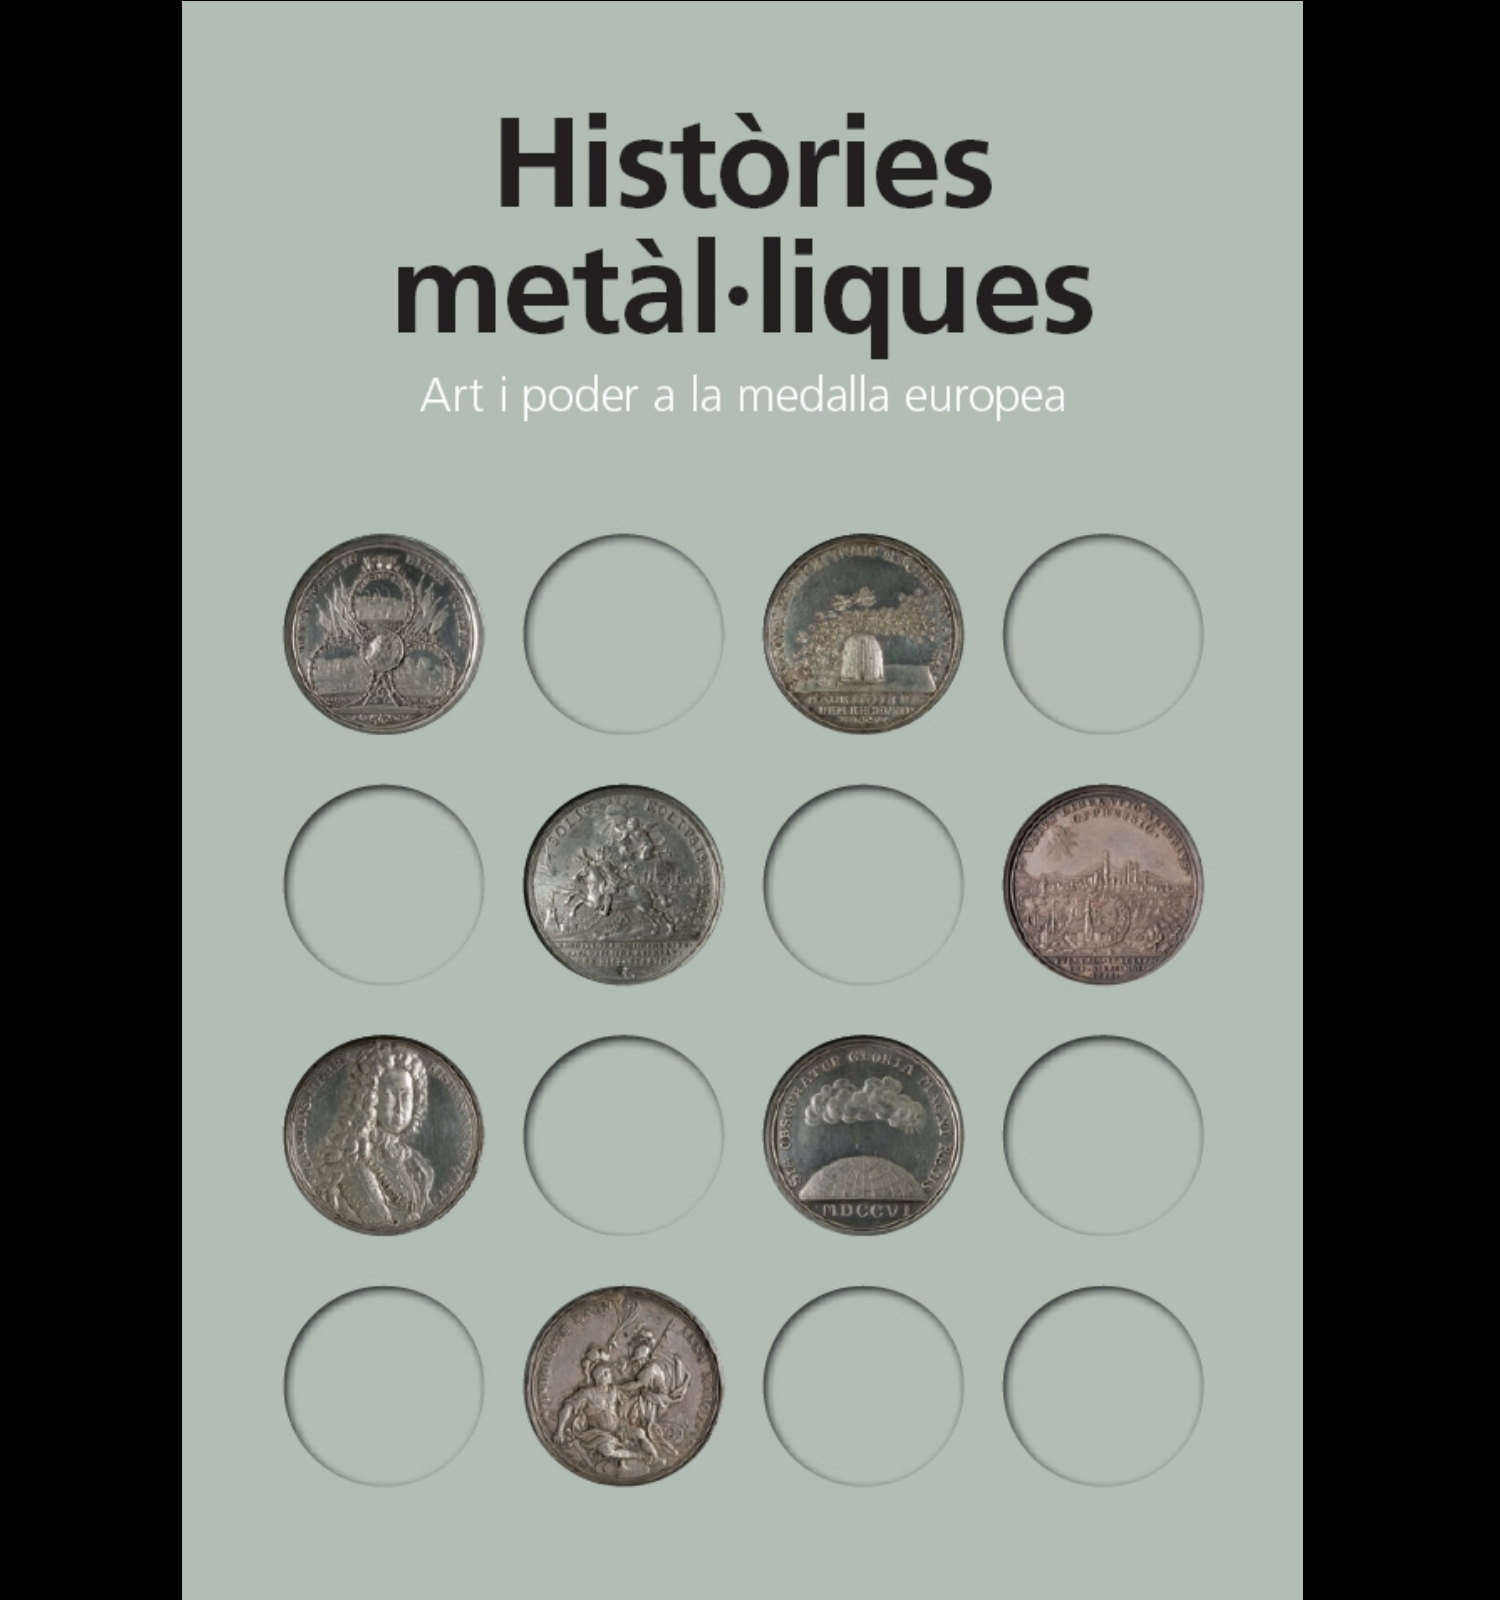 Museu Nacional d'Art de Catalunya | Històries metàl·liques